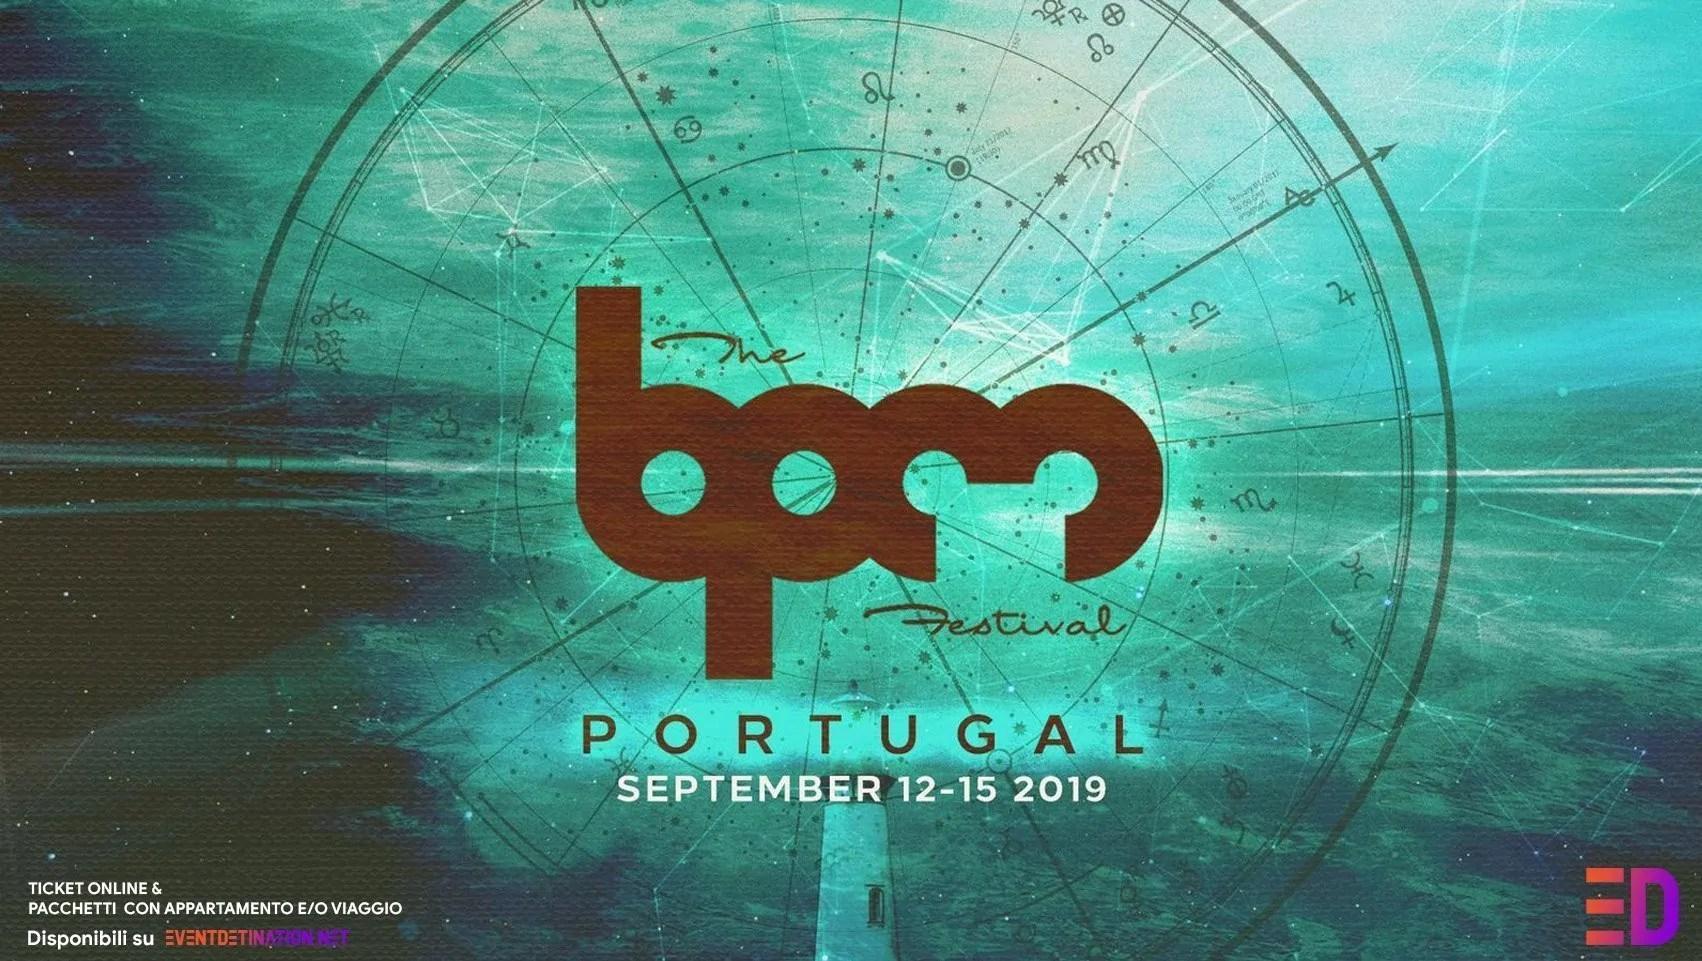 BPM FESTIVAL PORTUGAL 2019 – 12 15 Settembre 2019 | Lineup Ticket e Pacchetti Hotel